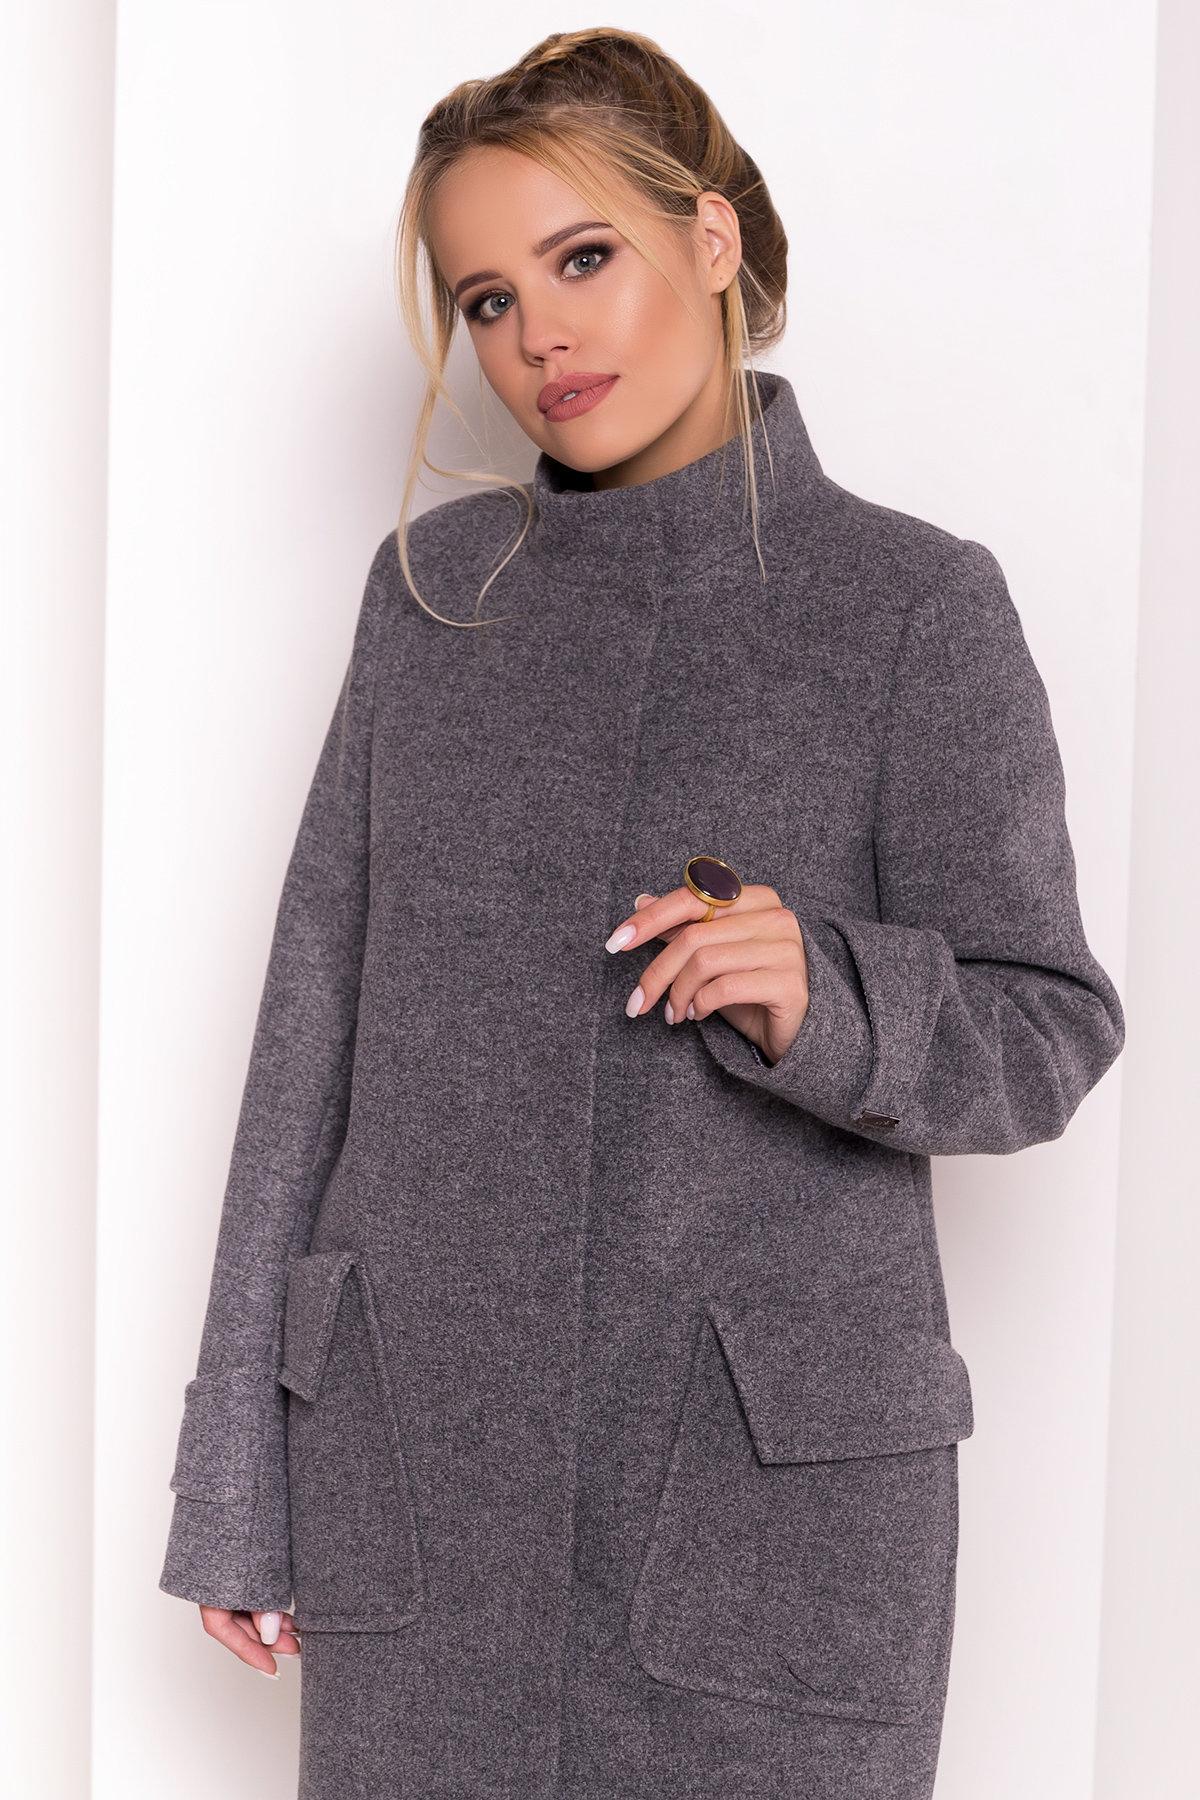 Демисезонное пальто с воротником стойка Эста 5417 АРТ. 36666 Цвет: Серый Темный - фото 4, интернет магазин tm-modus.ru